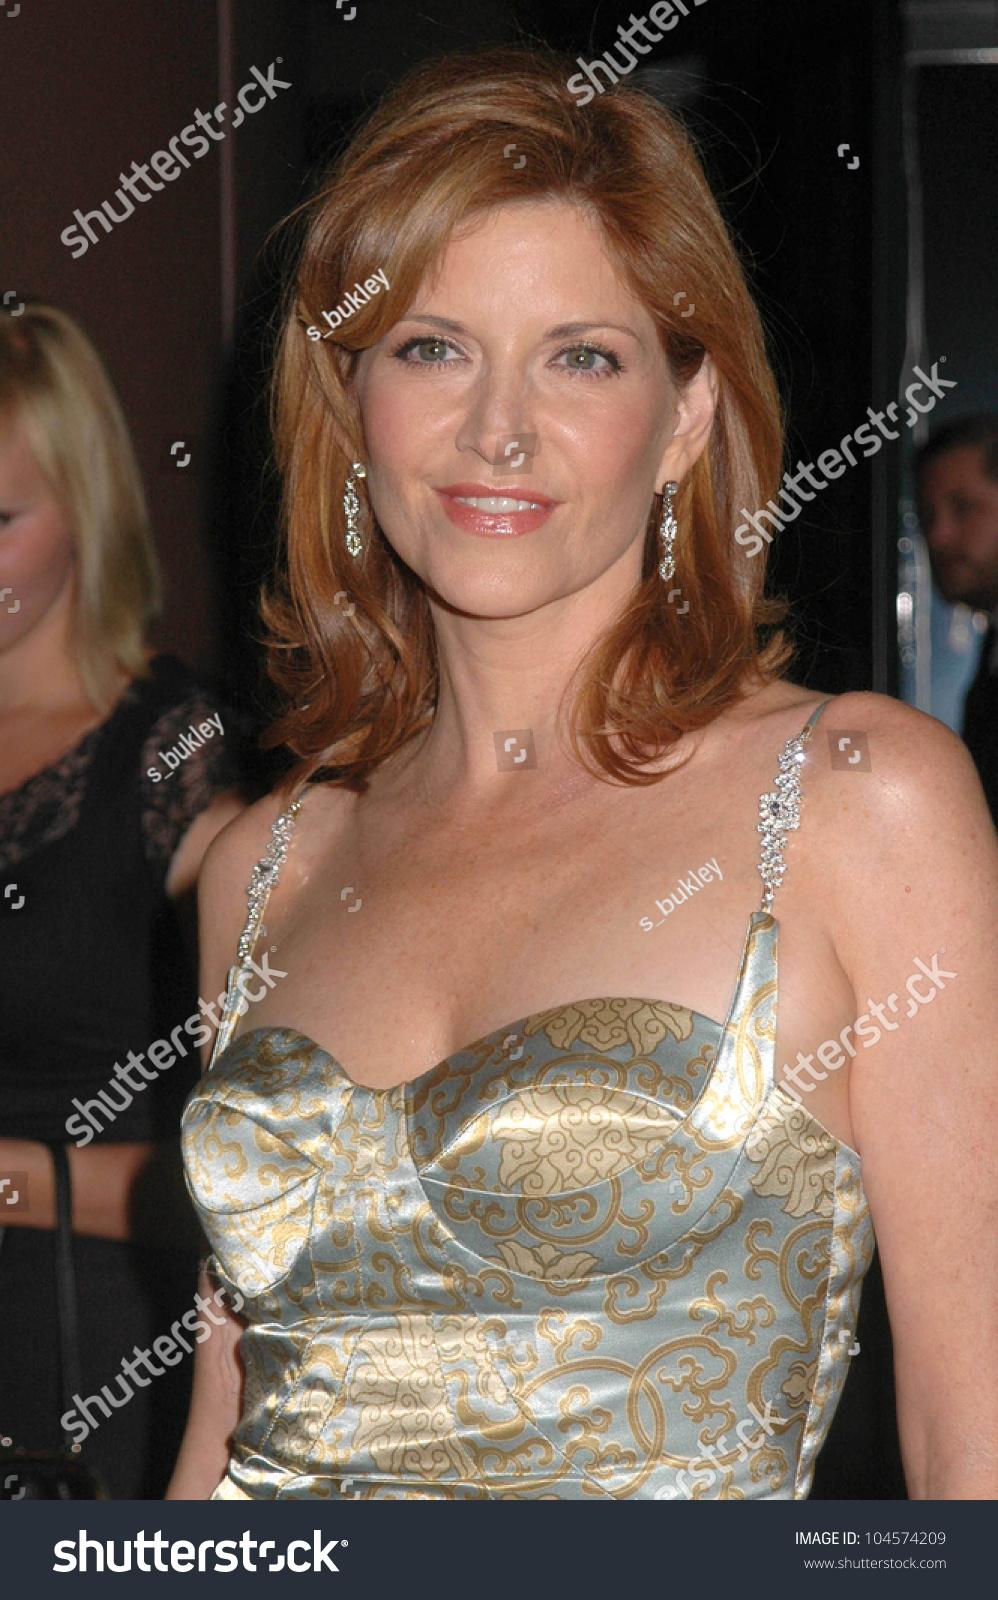 picture Melinda McGraw